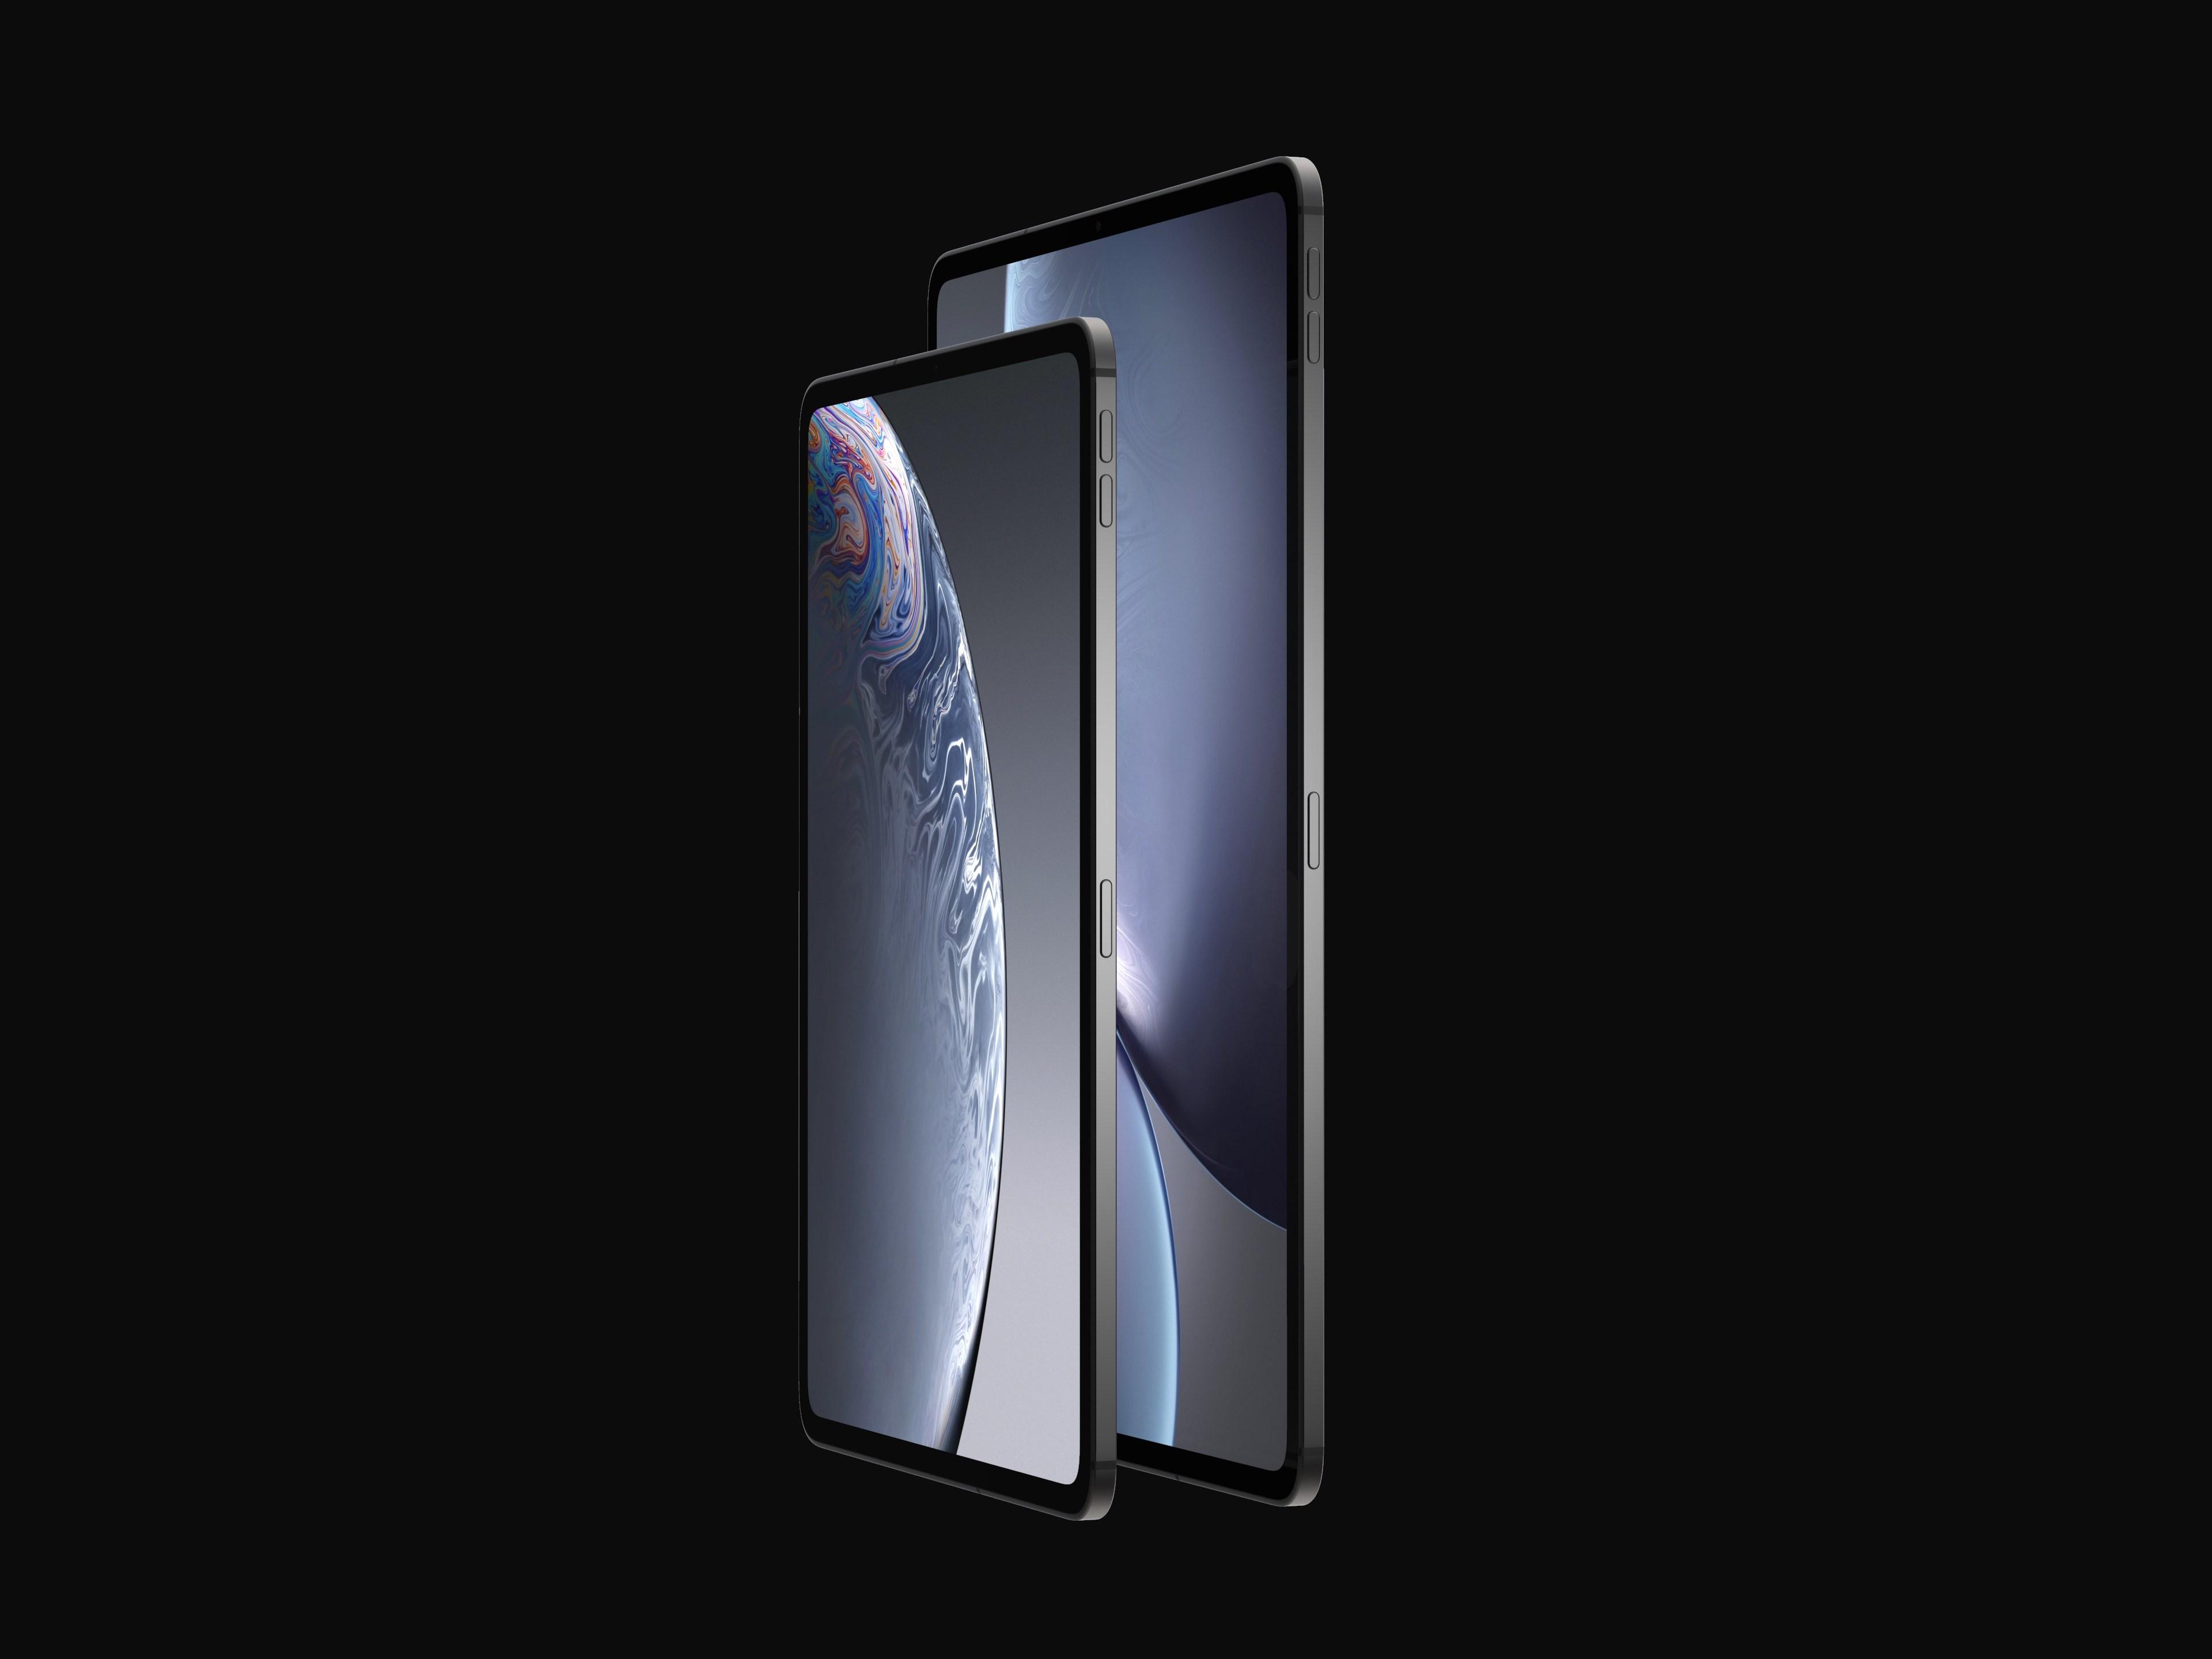 iPad Pro 2018 concept design 2